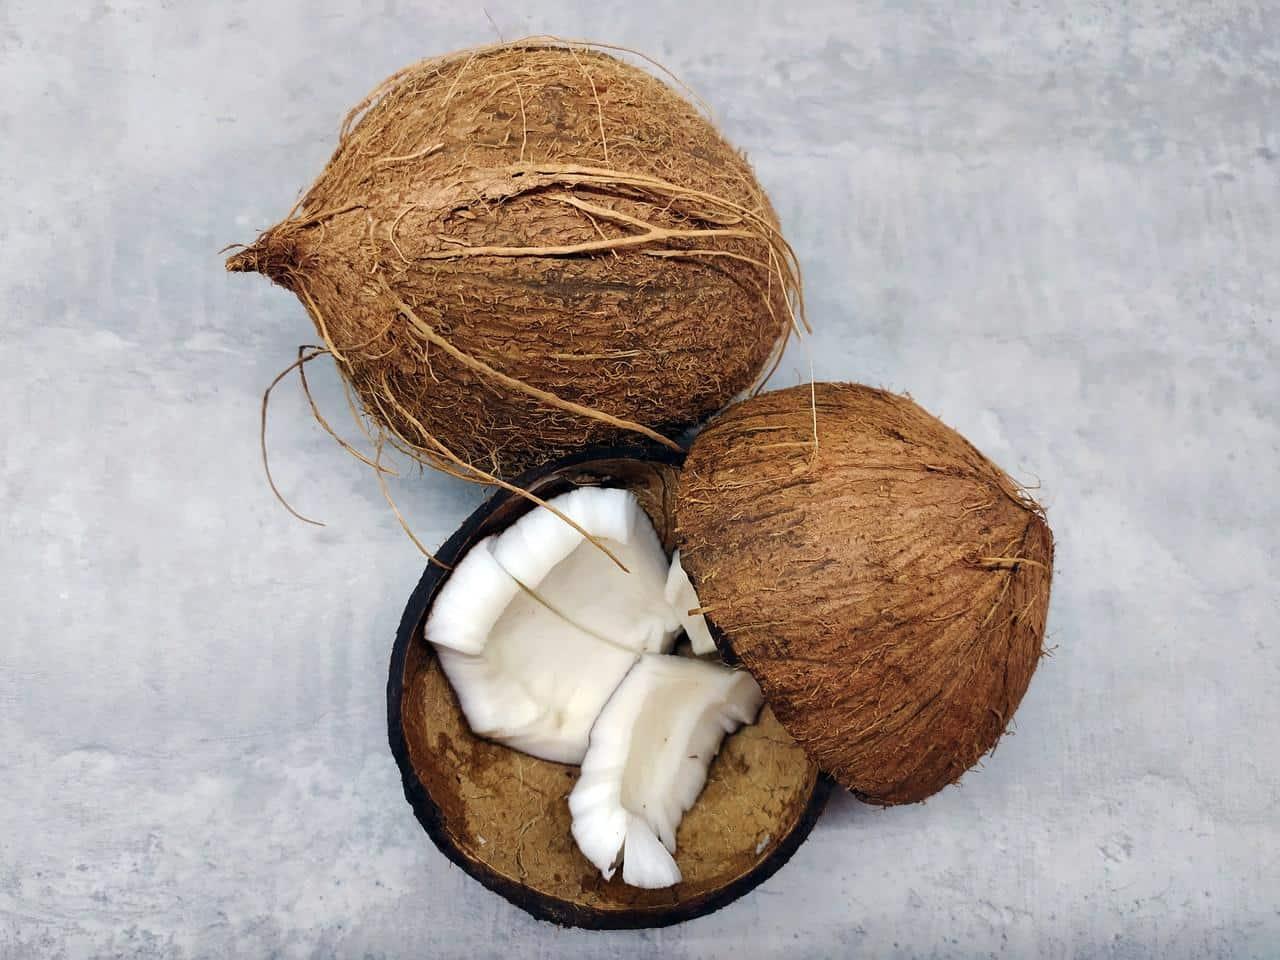 The origin of coconut oil- coconuts